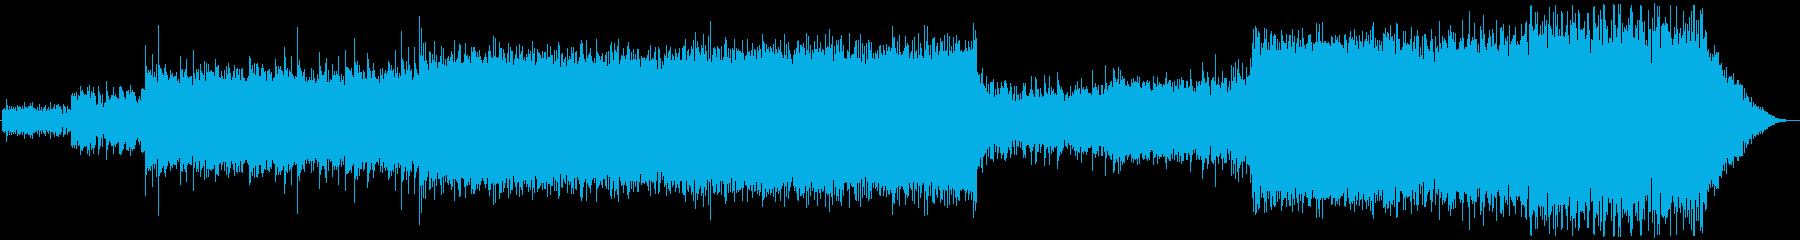 ポップロック研究所やる気を起こさせ...の再生済みの波形